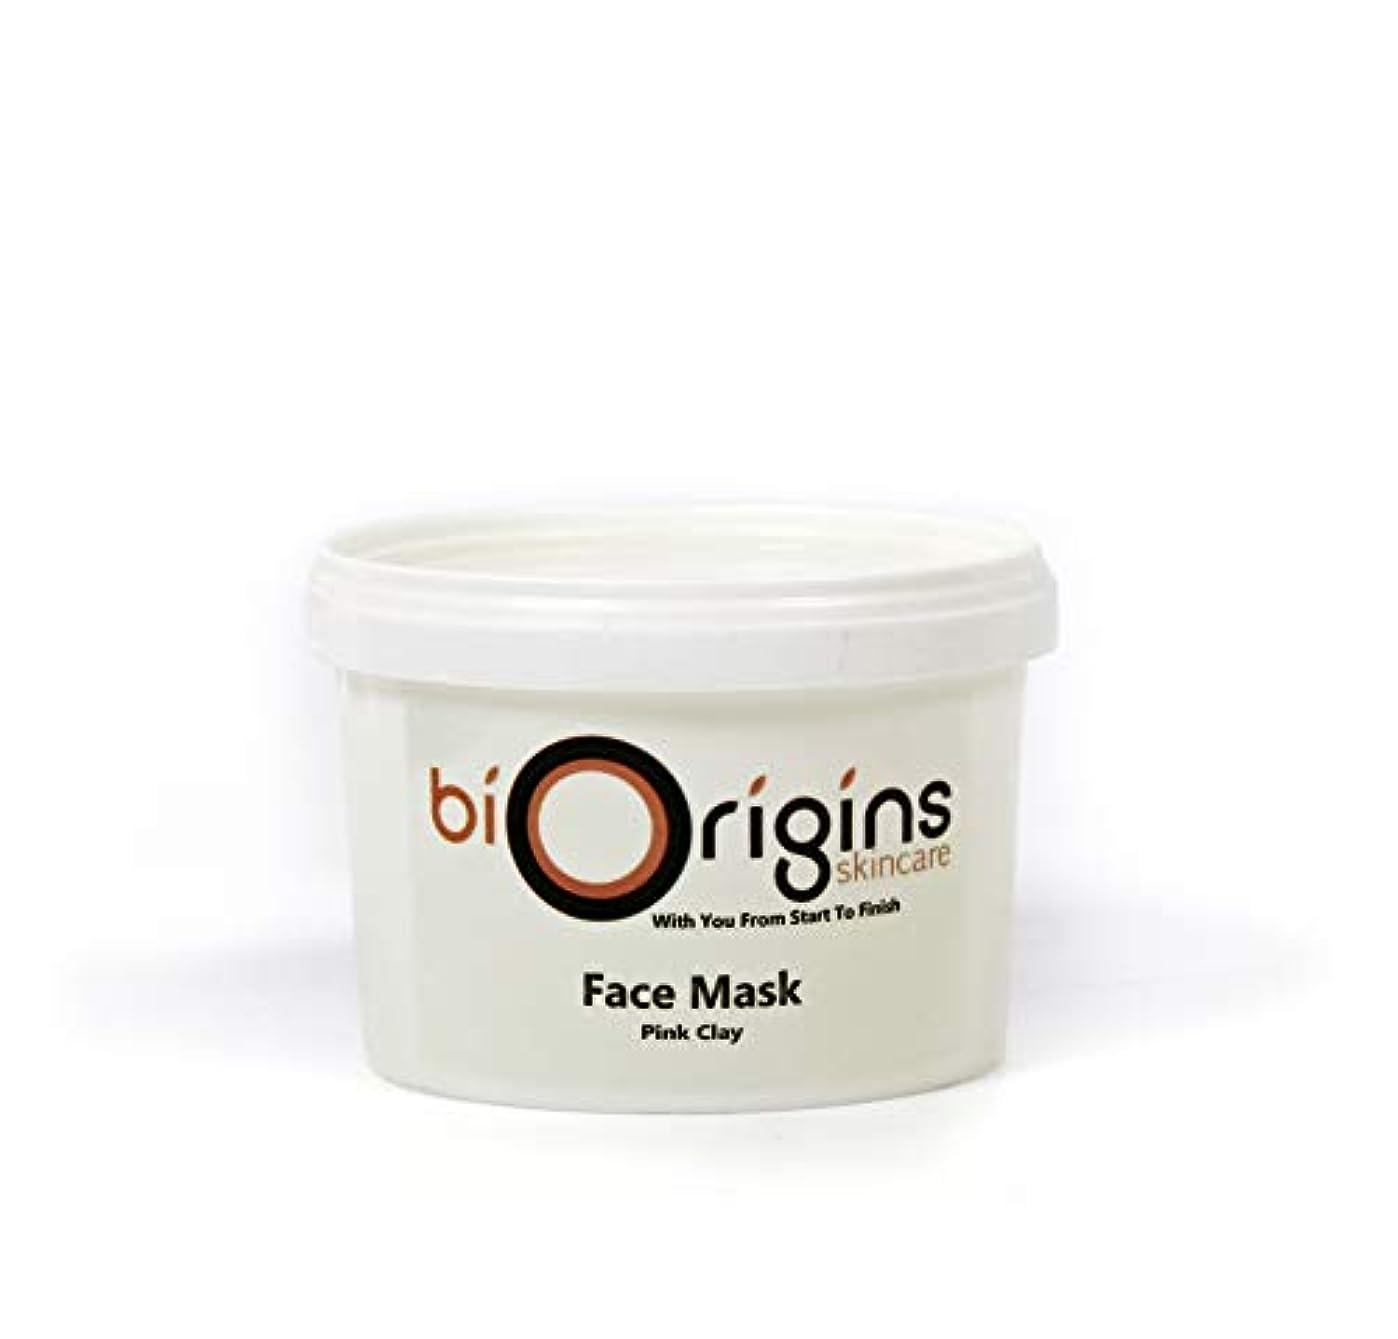 割れ目かすかな影響Face Mask - Pink Clay - Botanical Skincare Base - 500g